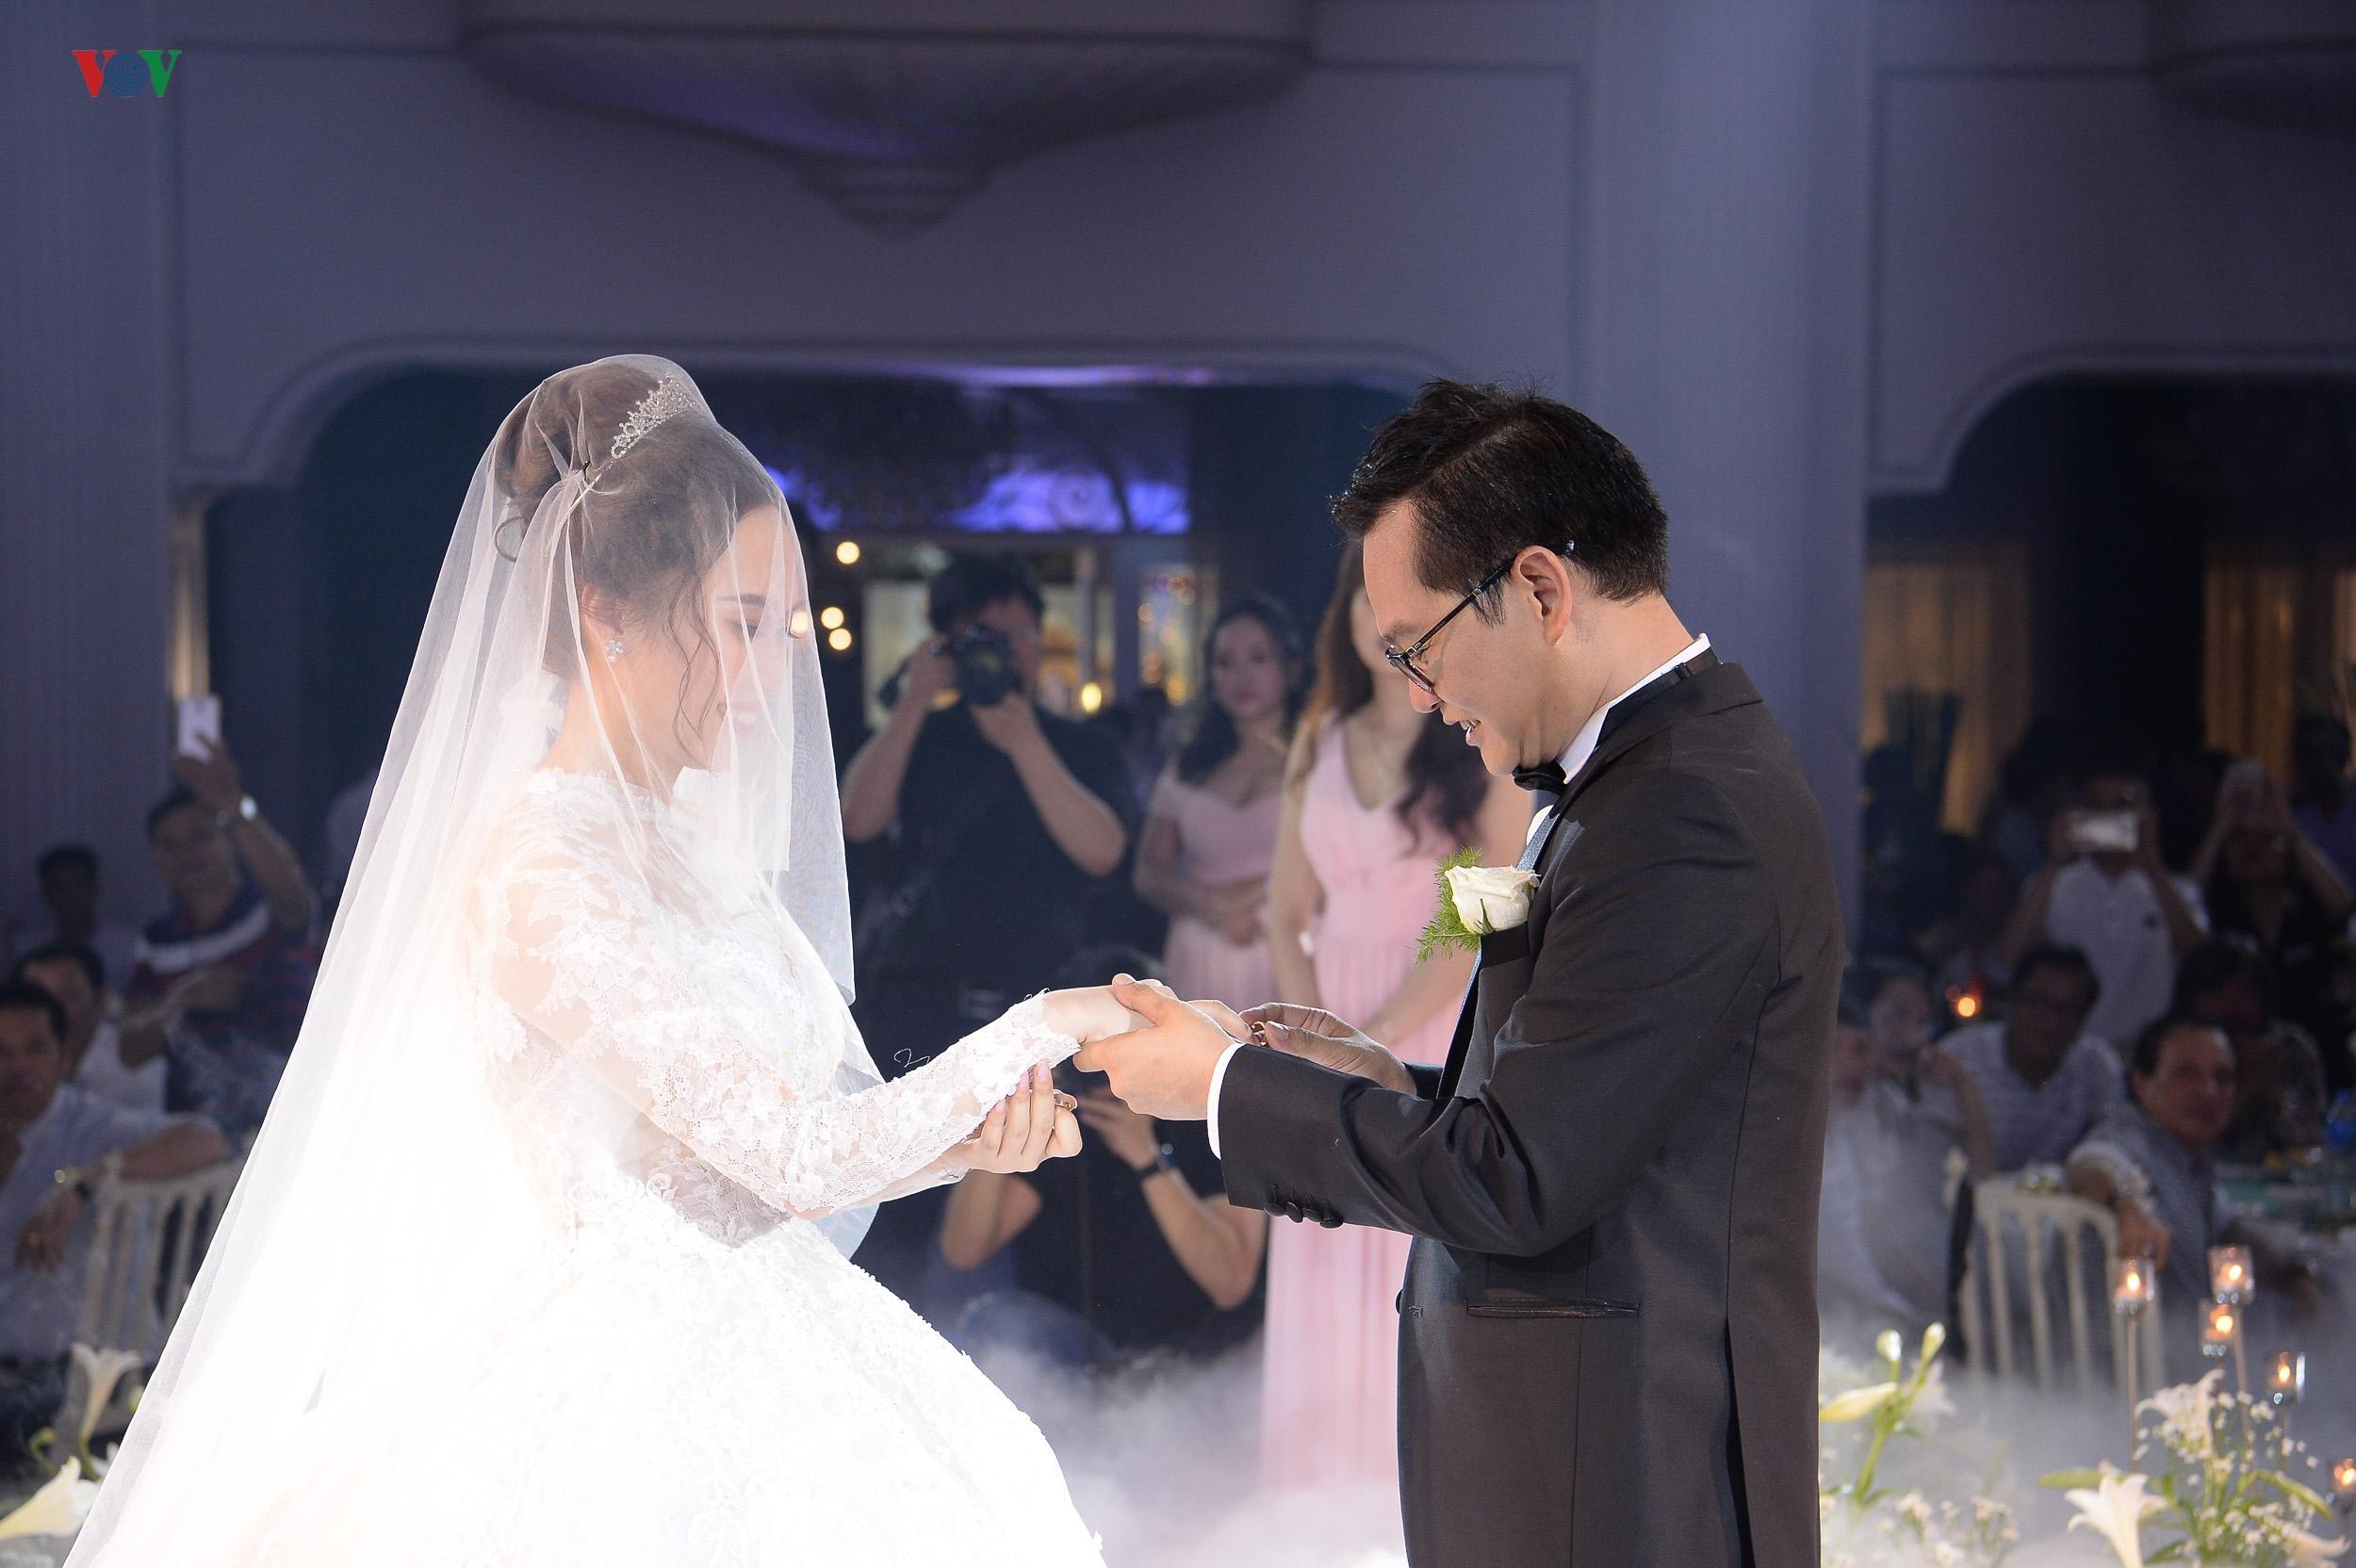 NSND Trung Hiếu ôm chặt vợ kém 17 tuổi trong tiệc cưới